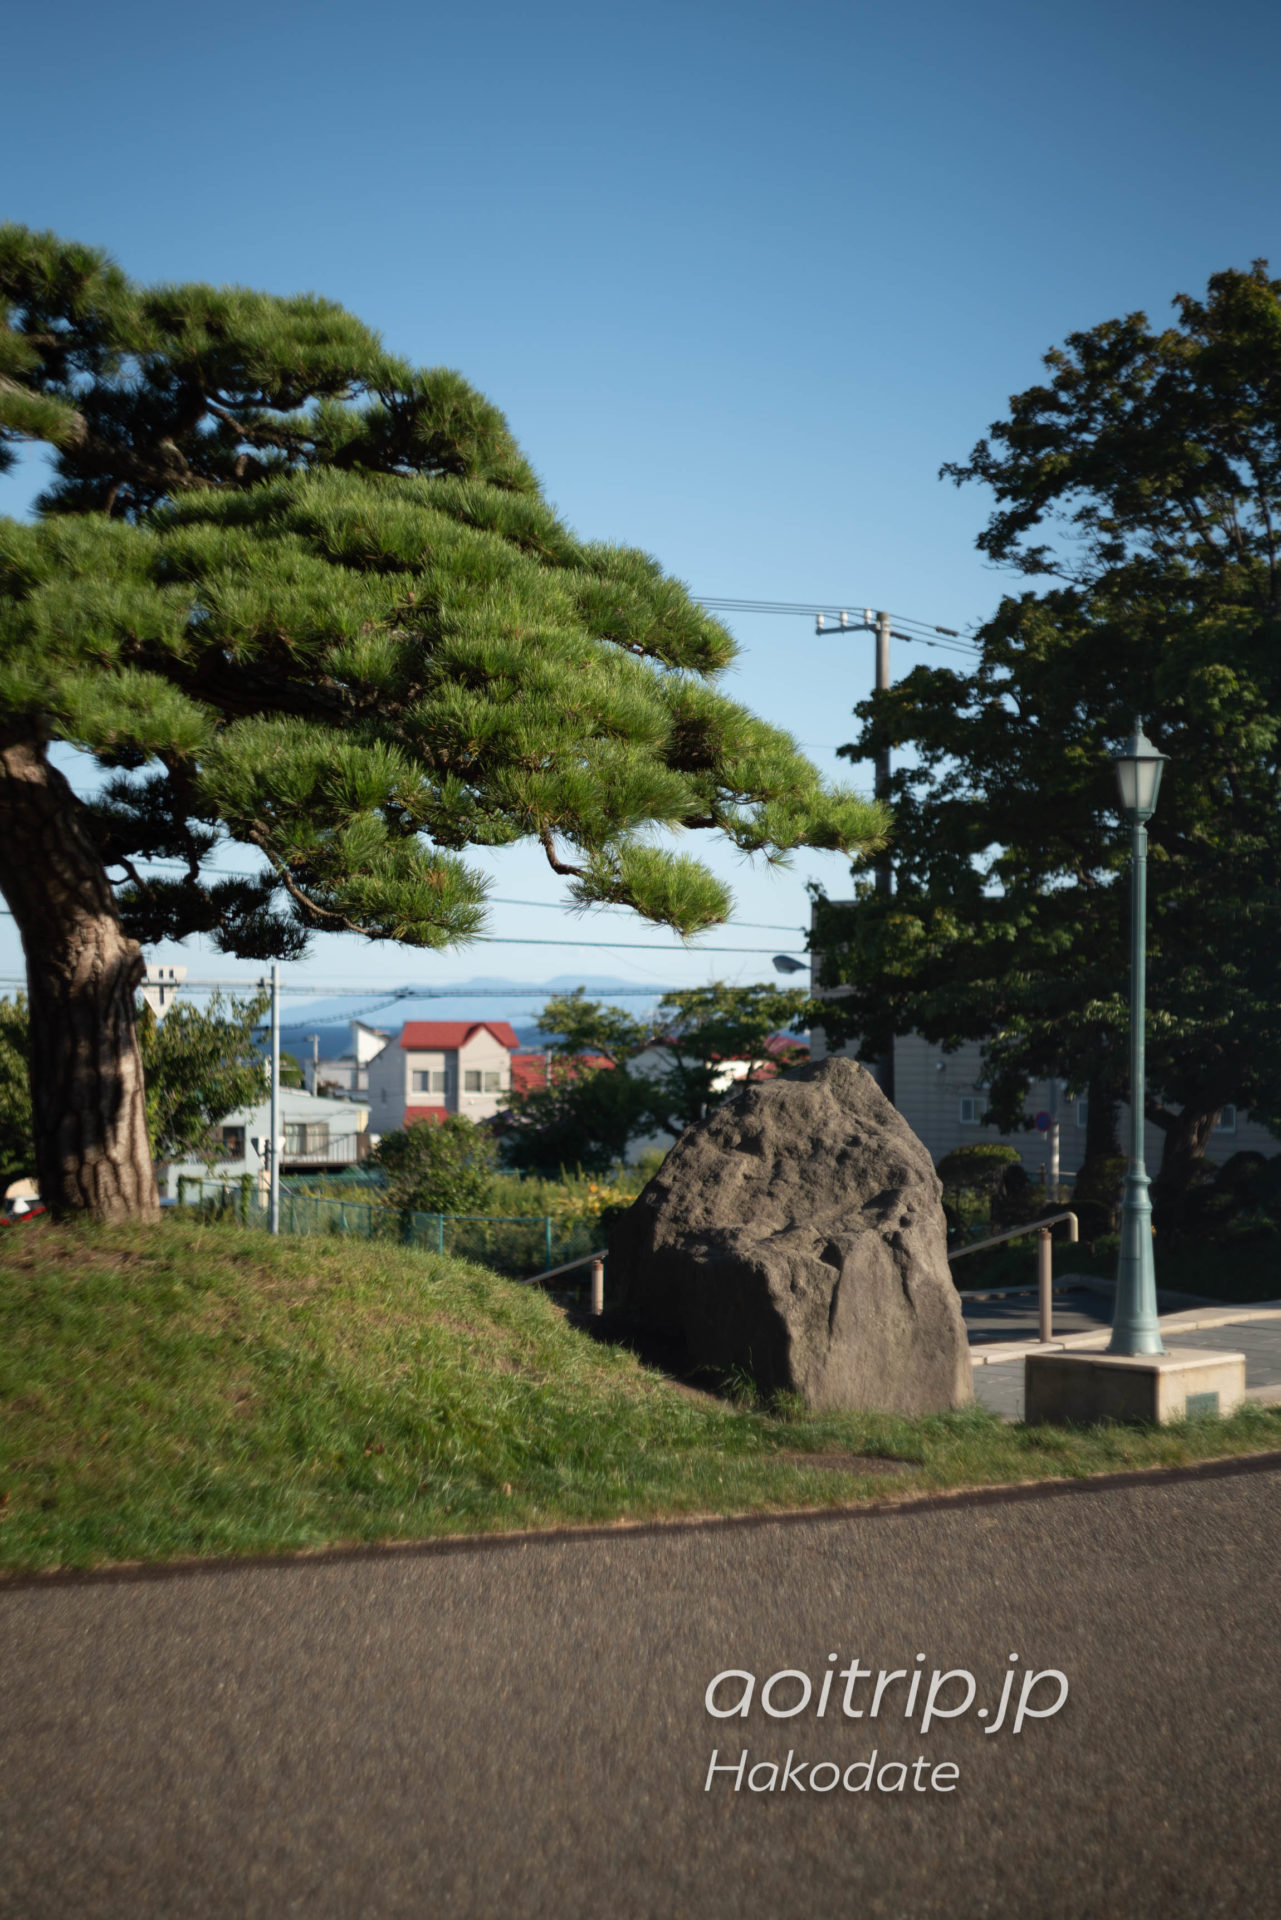 函館公園 高田屋の松